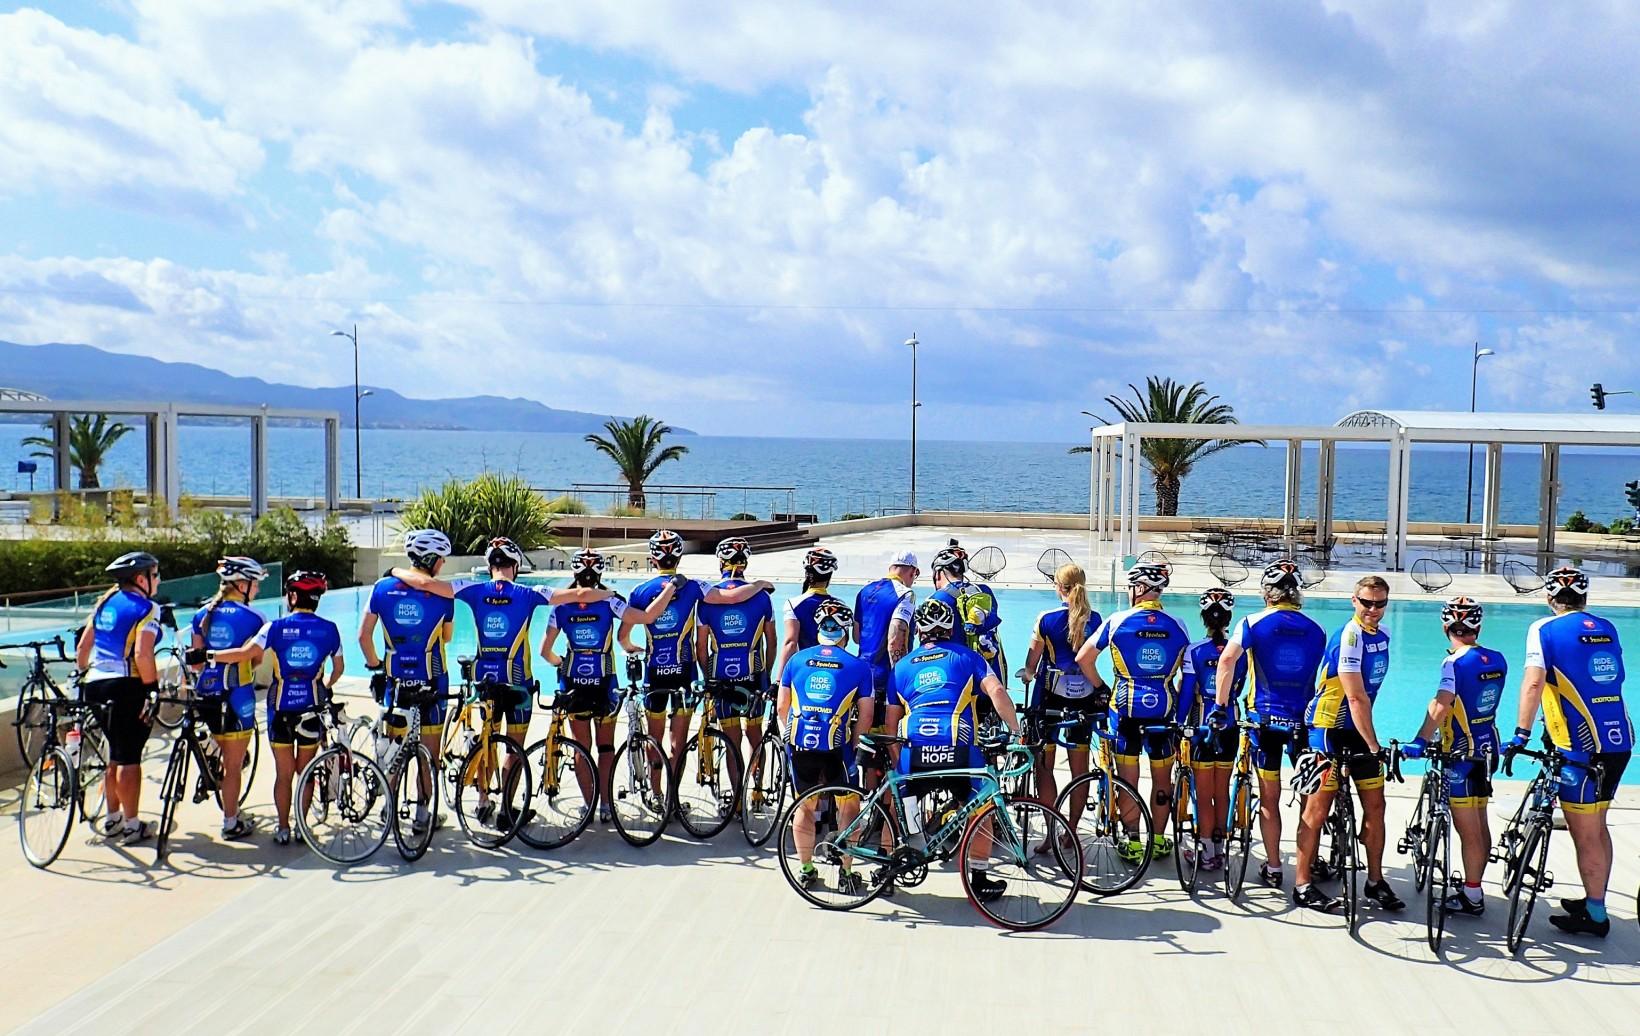 Många Ride of Hope cyklister är här!